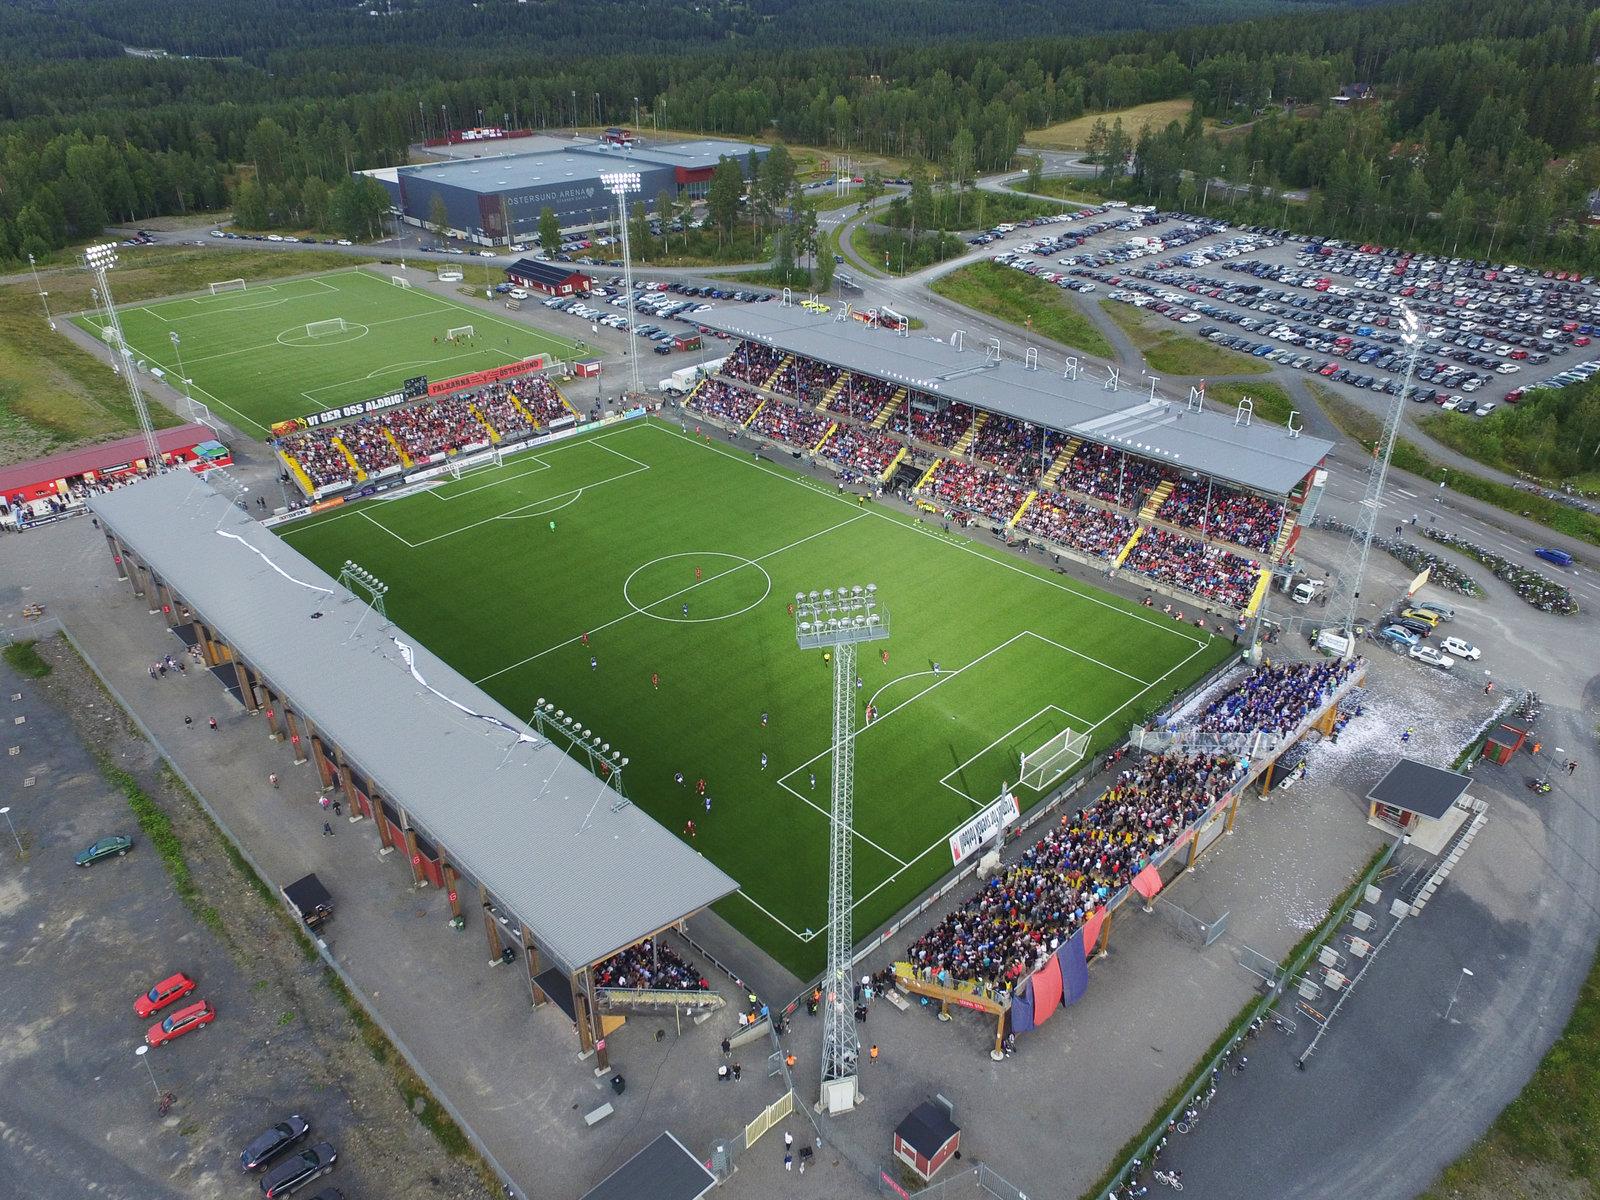 Gütthaven Stadion